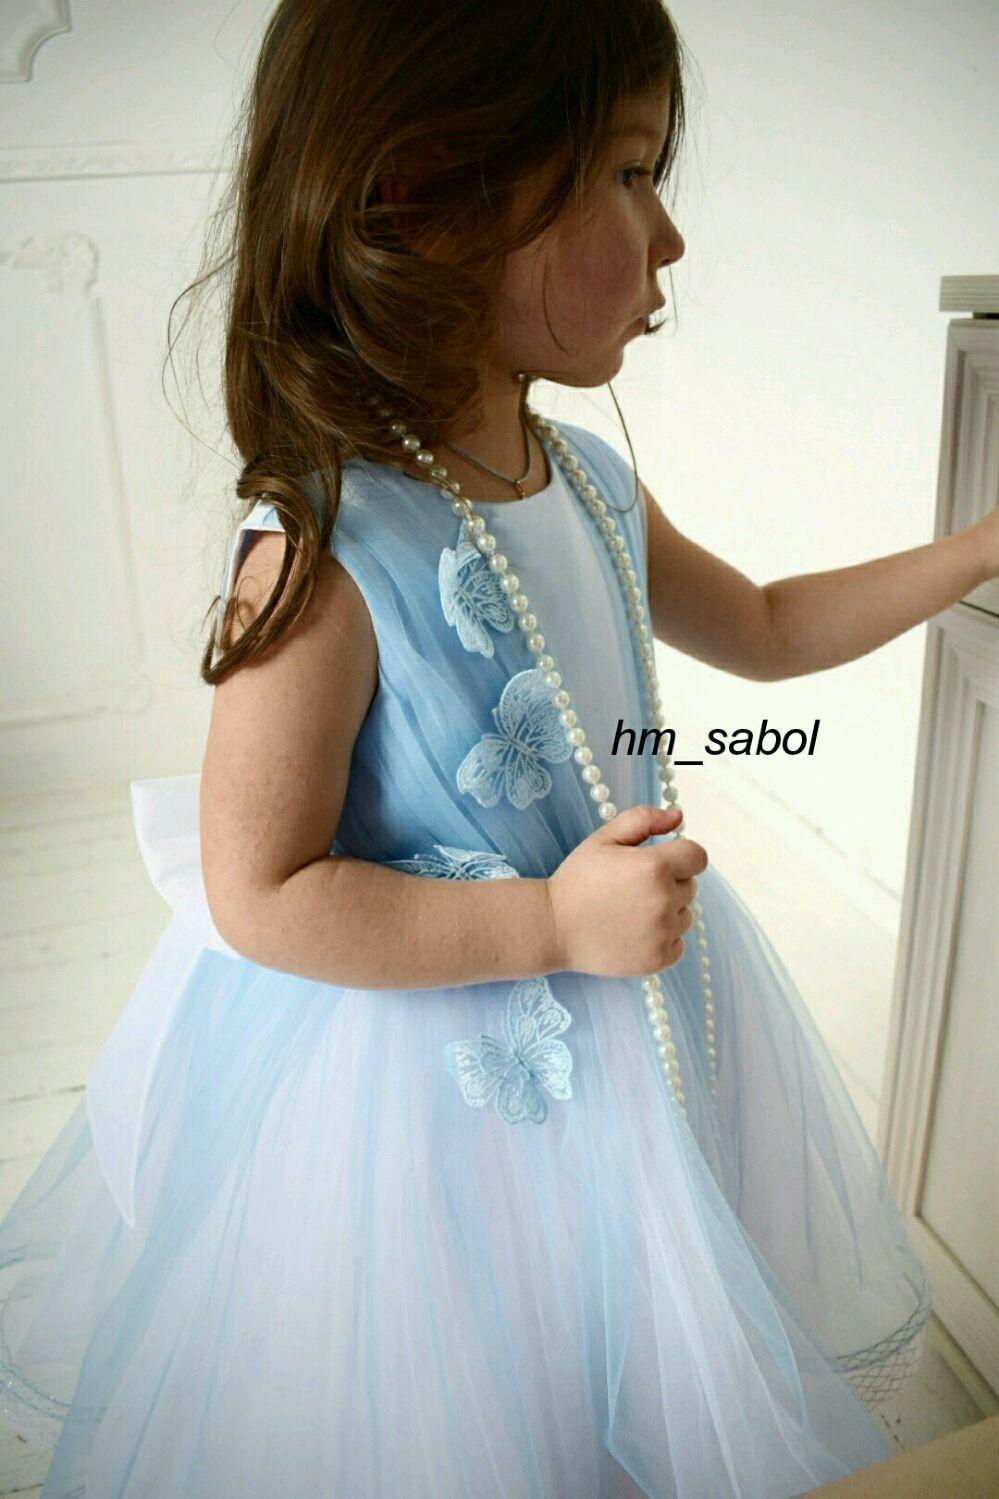 Голубое платье с бабочками для девочки, красивое платье на выпускной, Платья, Йошкар-Ола,  Фото №1